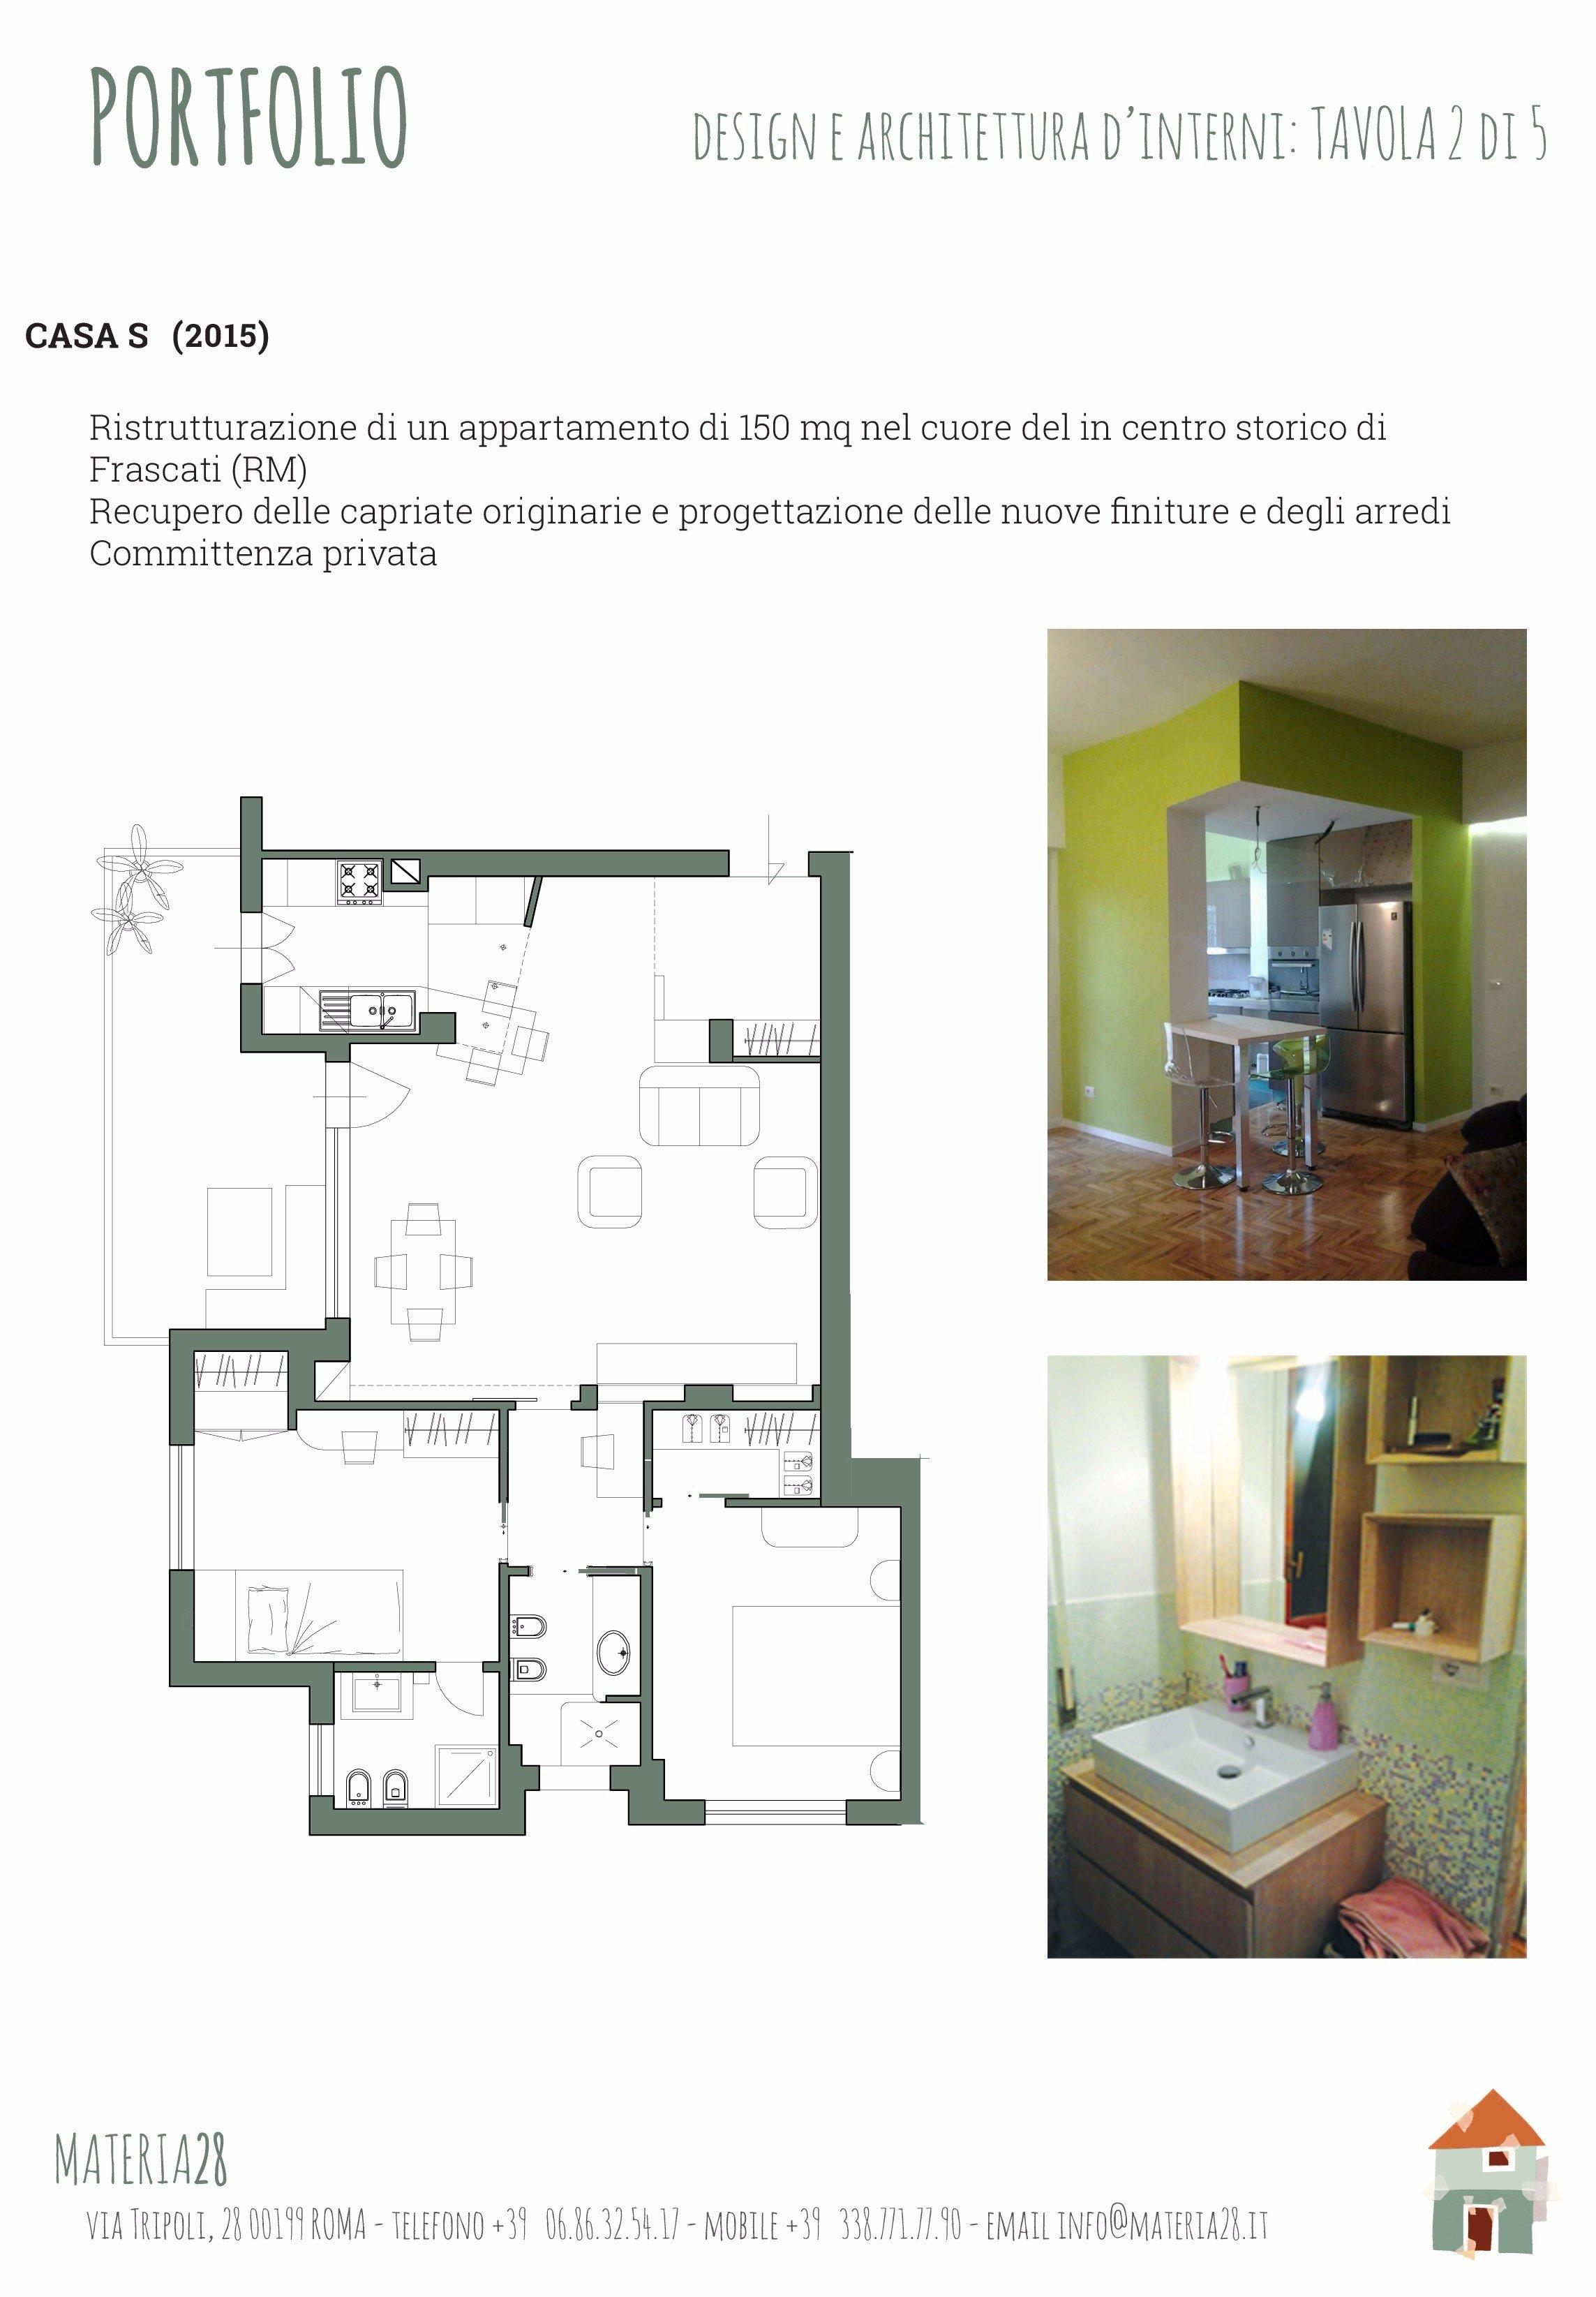 Arredamento Casa Roma caterina campaci - picture gallery